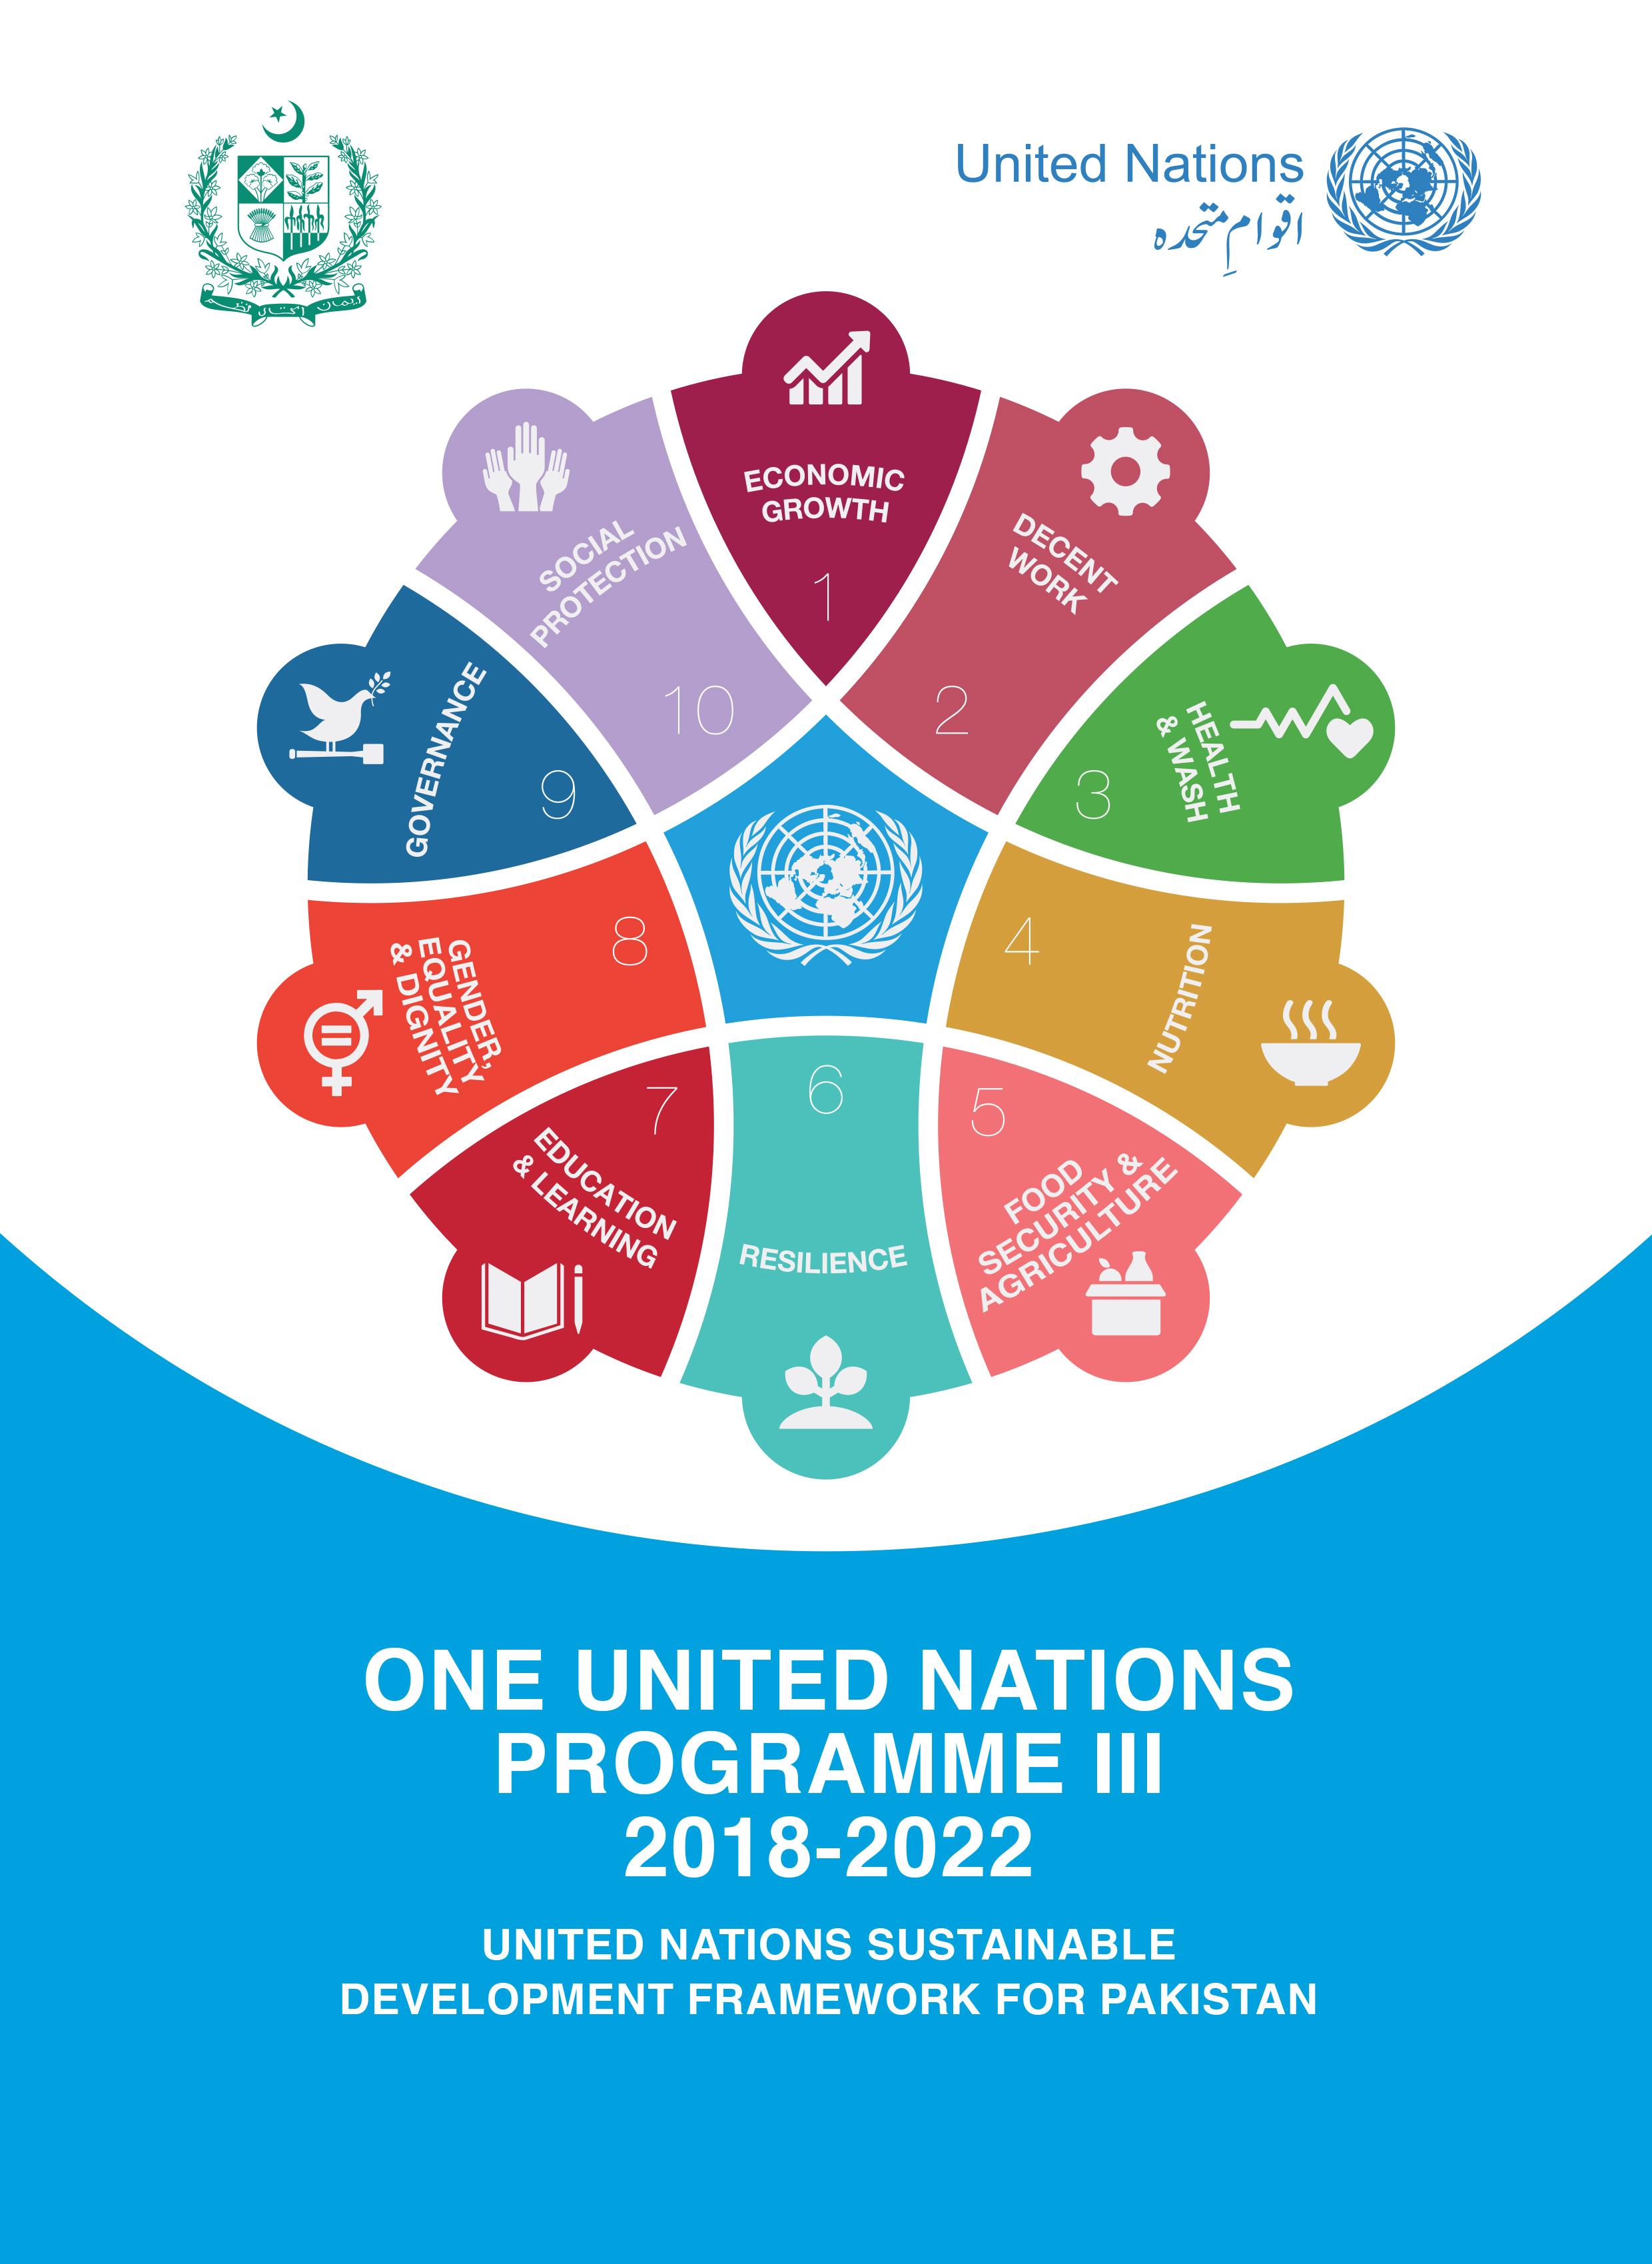 UN Sustainable Development Framework (2018 - 2022)